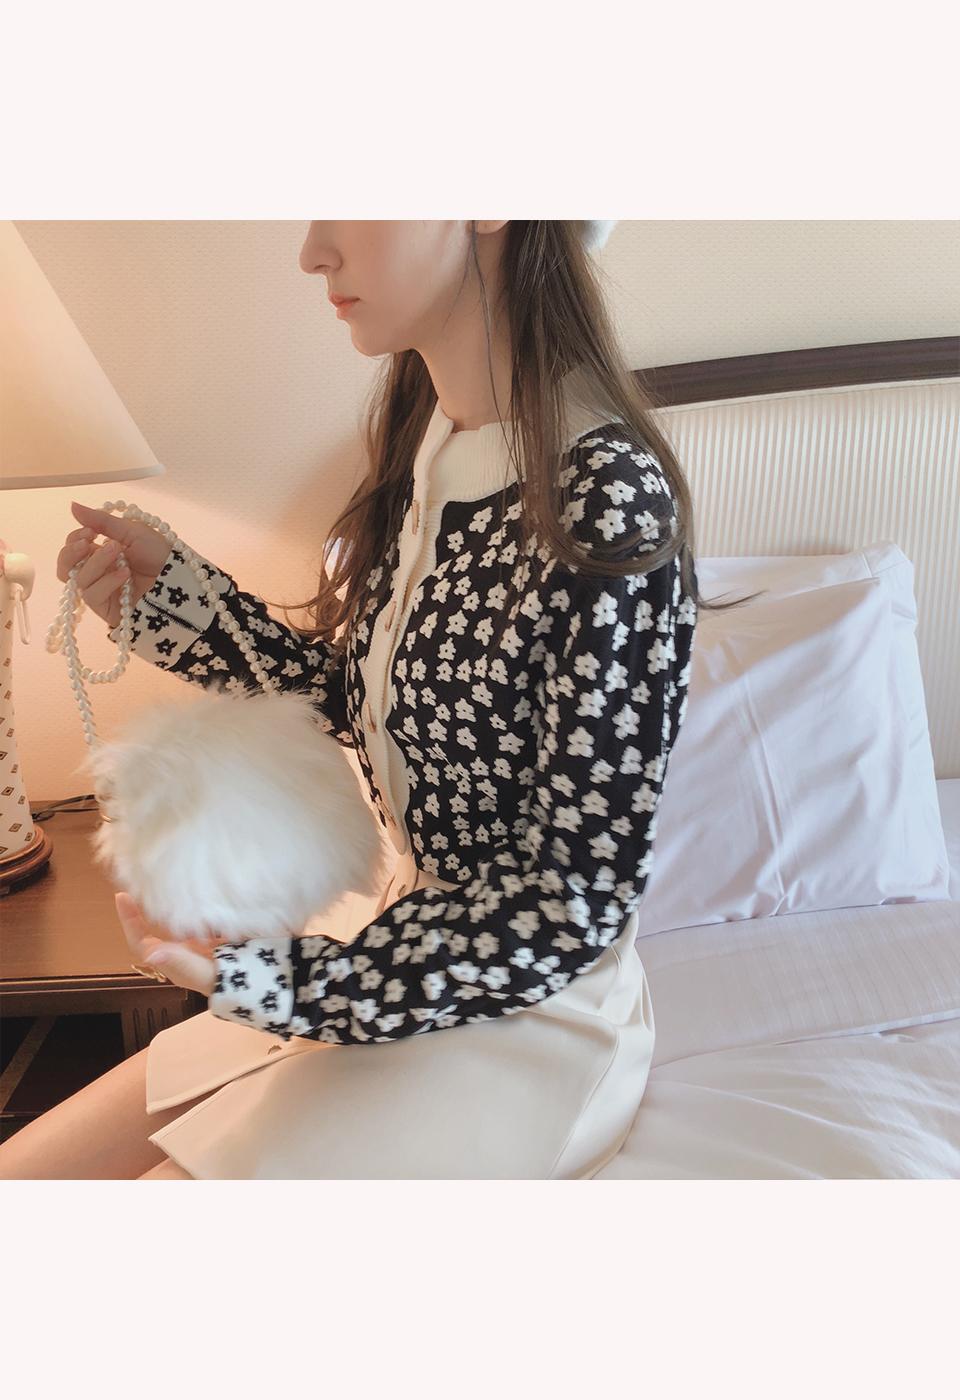 【予約販売】ポケット付き前ボタン台形ミニスカート